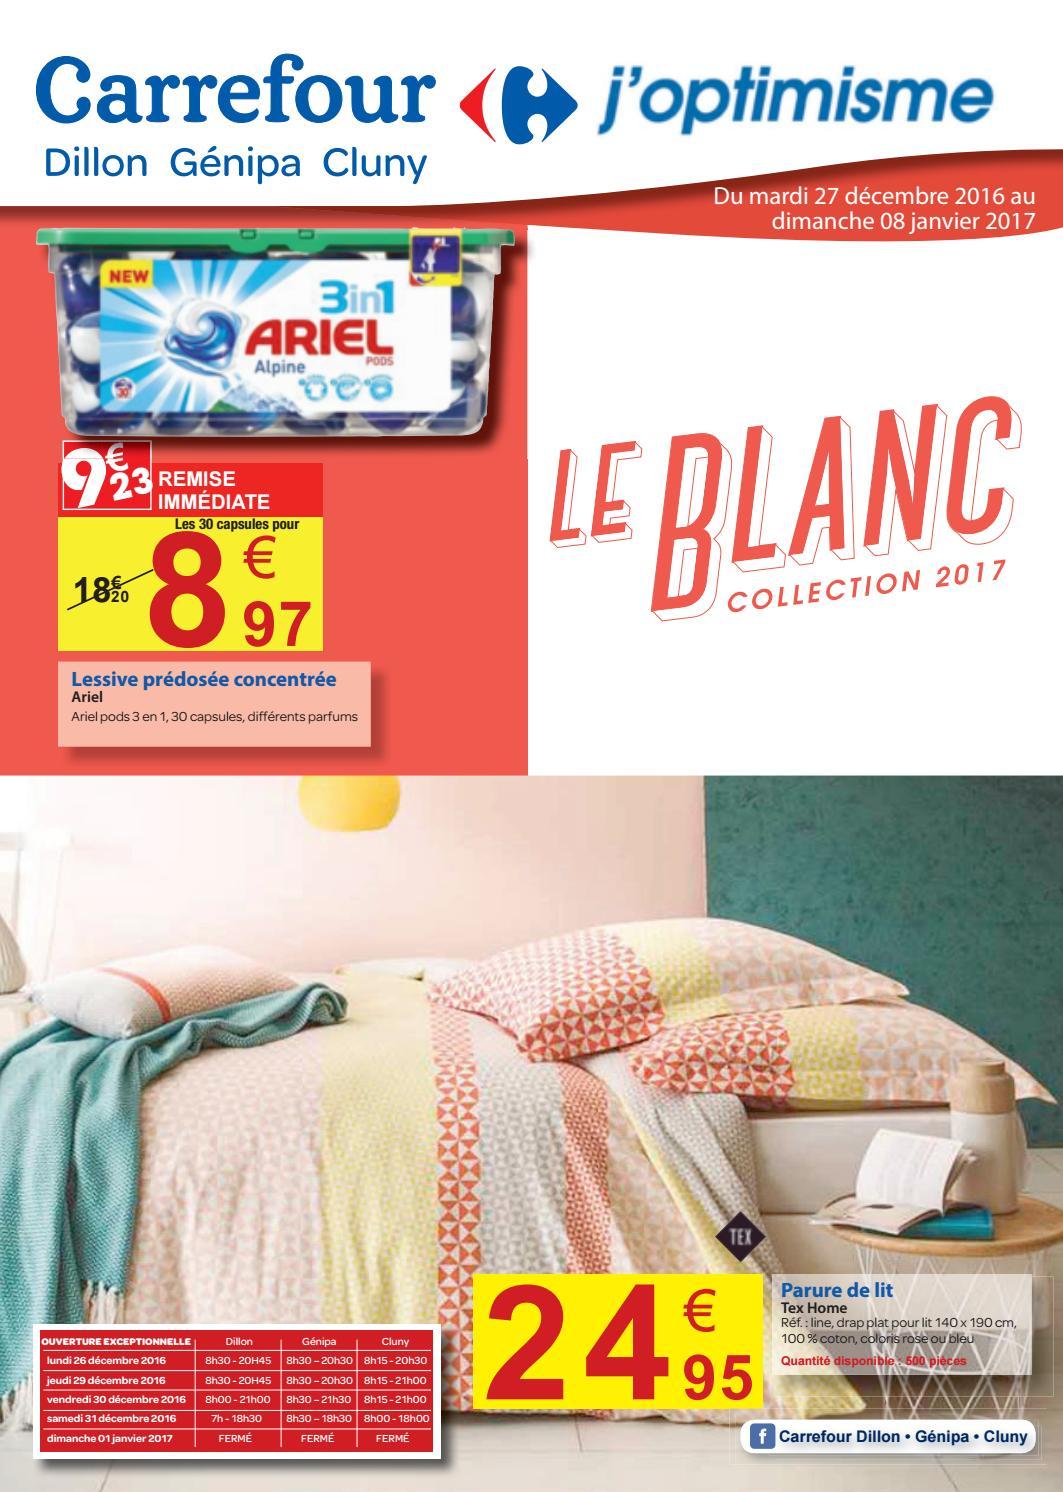 Carrefour Le Blanc Collection 2017 Du 27 D Cembre 2016 Au 08